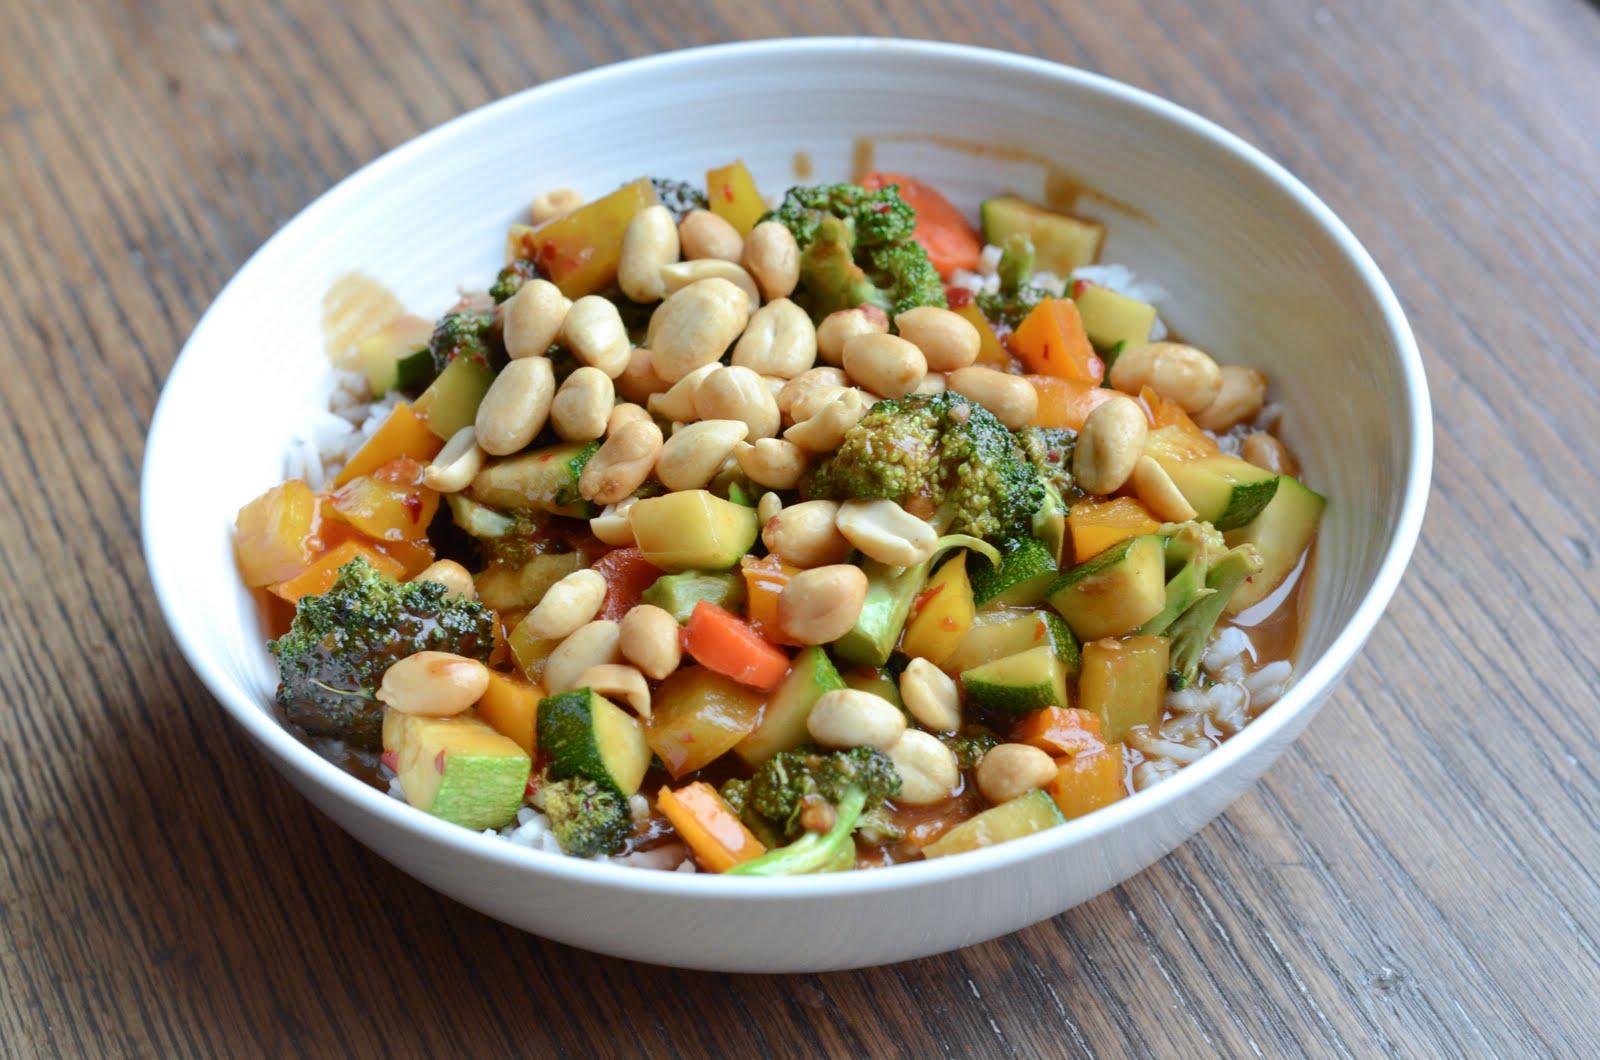 Vegetarian Thai Peanut Stir-Fry - The Fig Tree